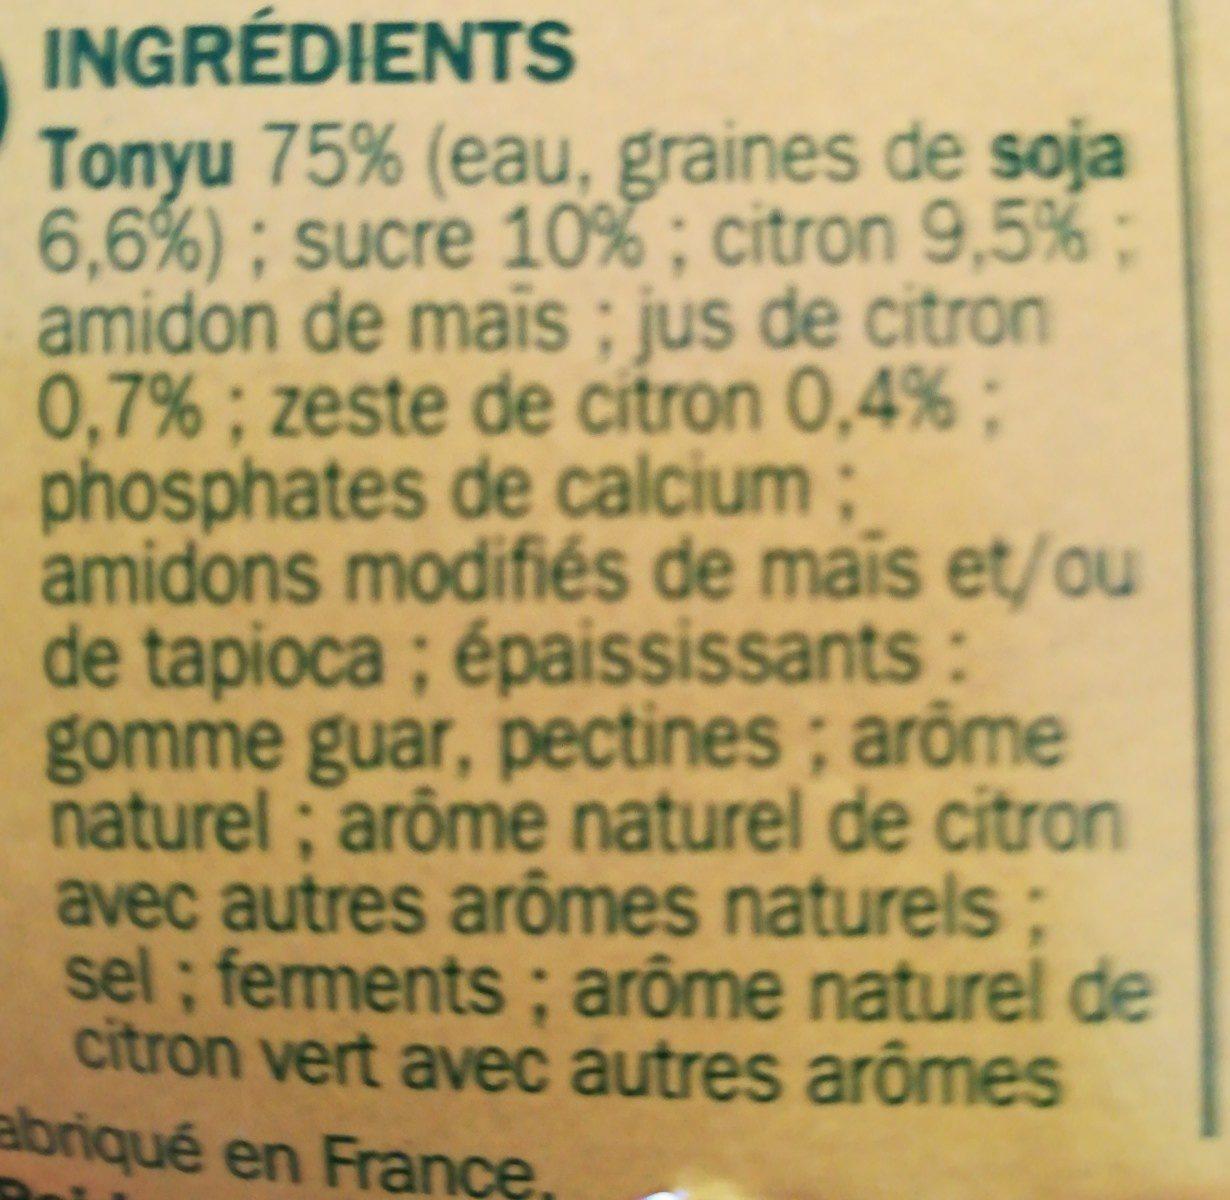 Spécialité au soja citron - Ingredients - fr